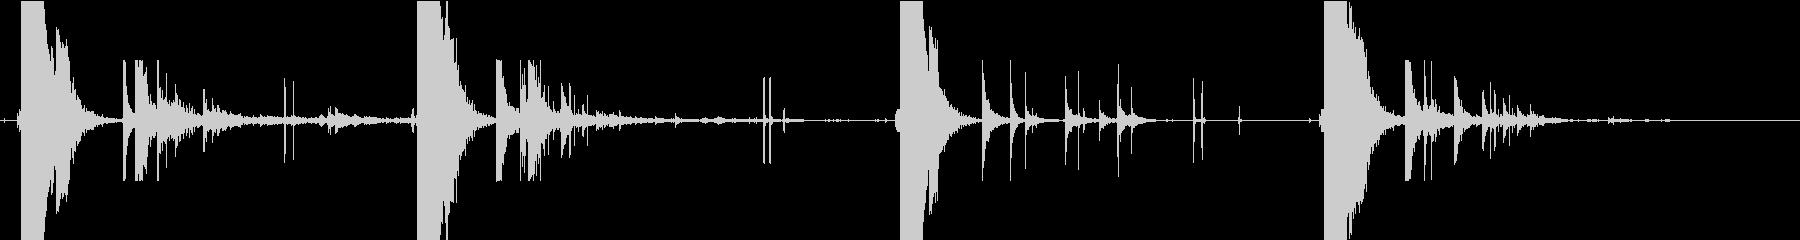 ハンドガン:シューティング4ポップ...の未再生の波形